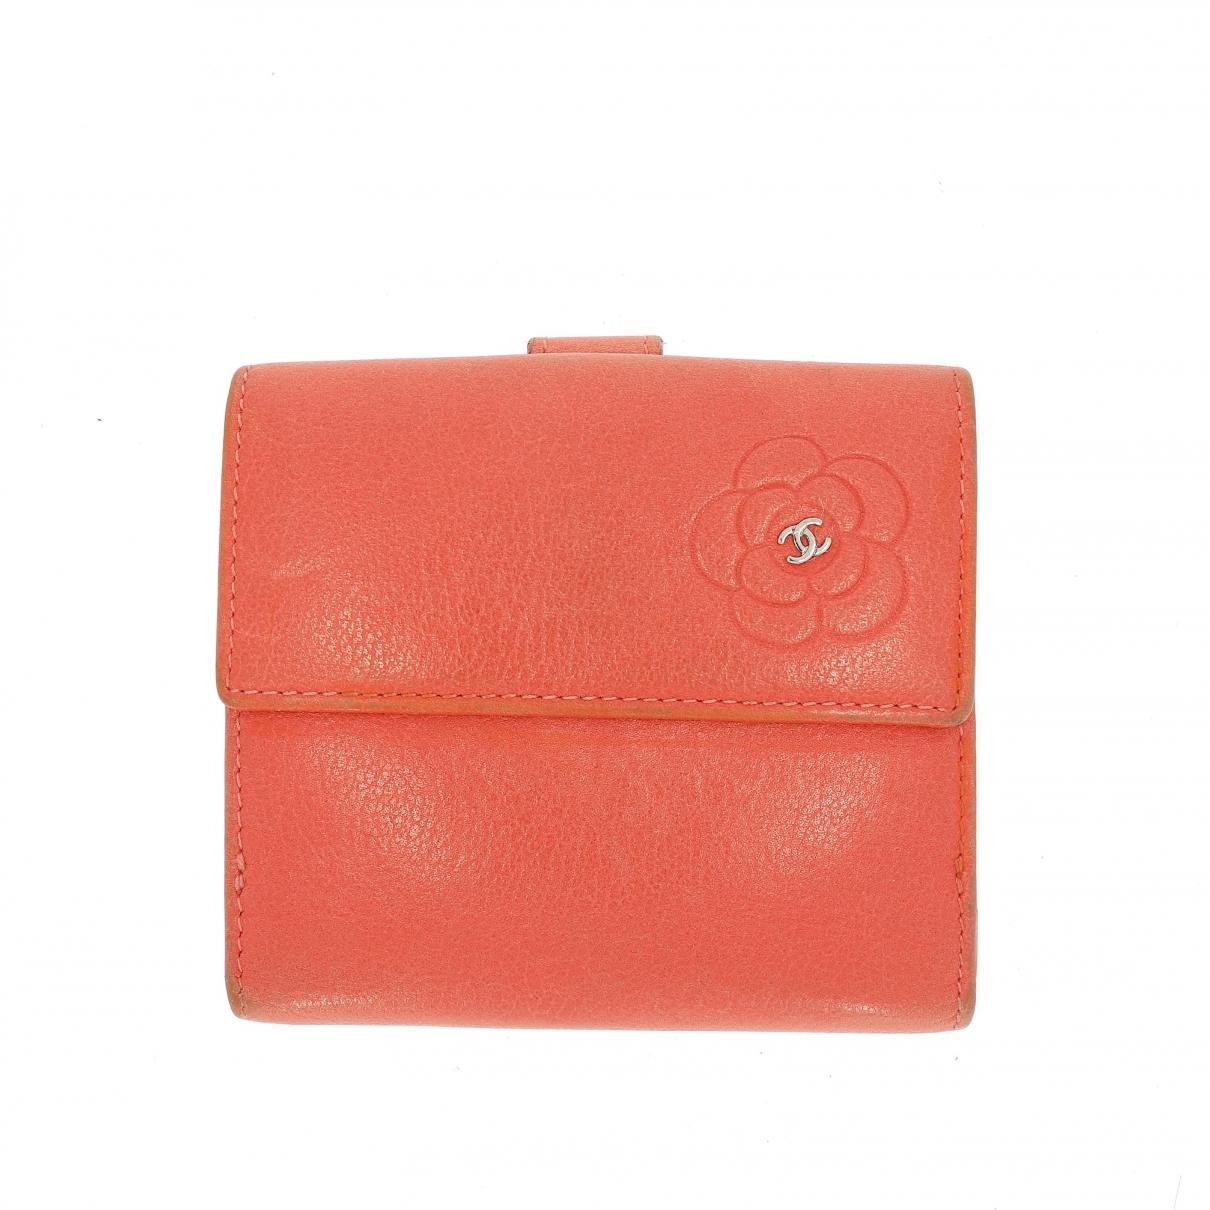 Chanel - Portefeuille   pour femme en cuir - orange